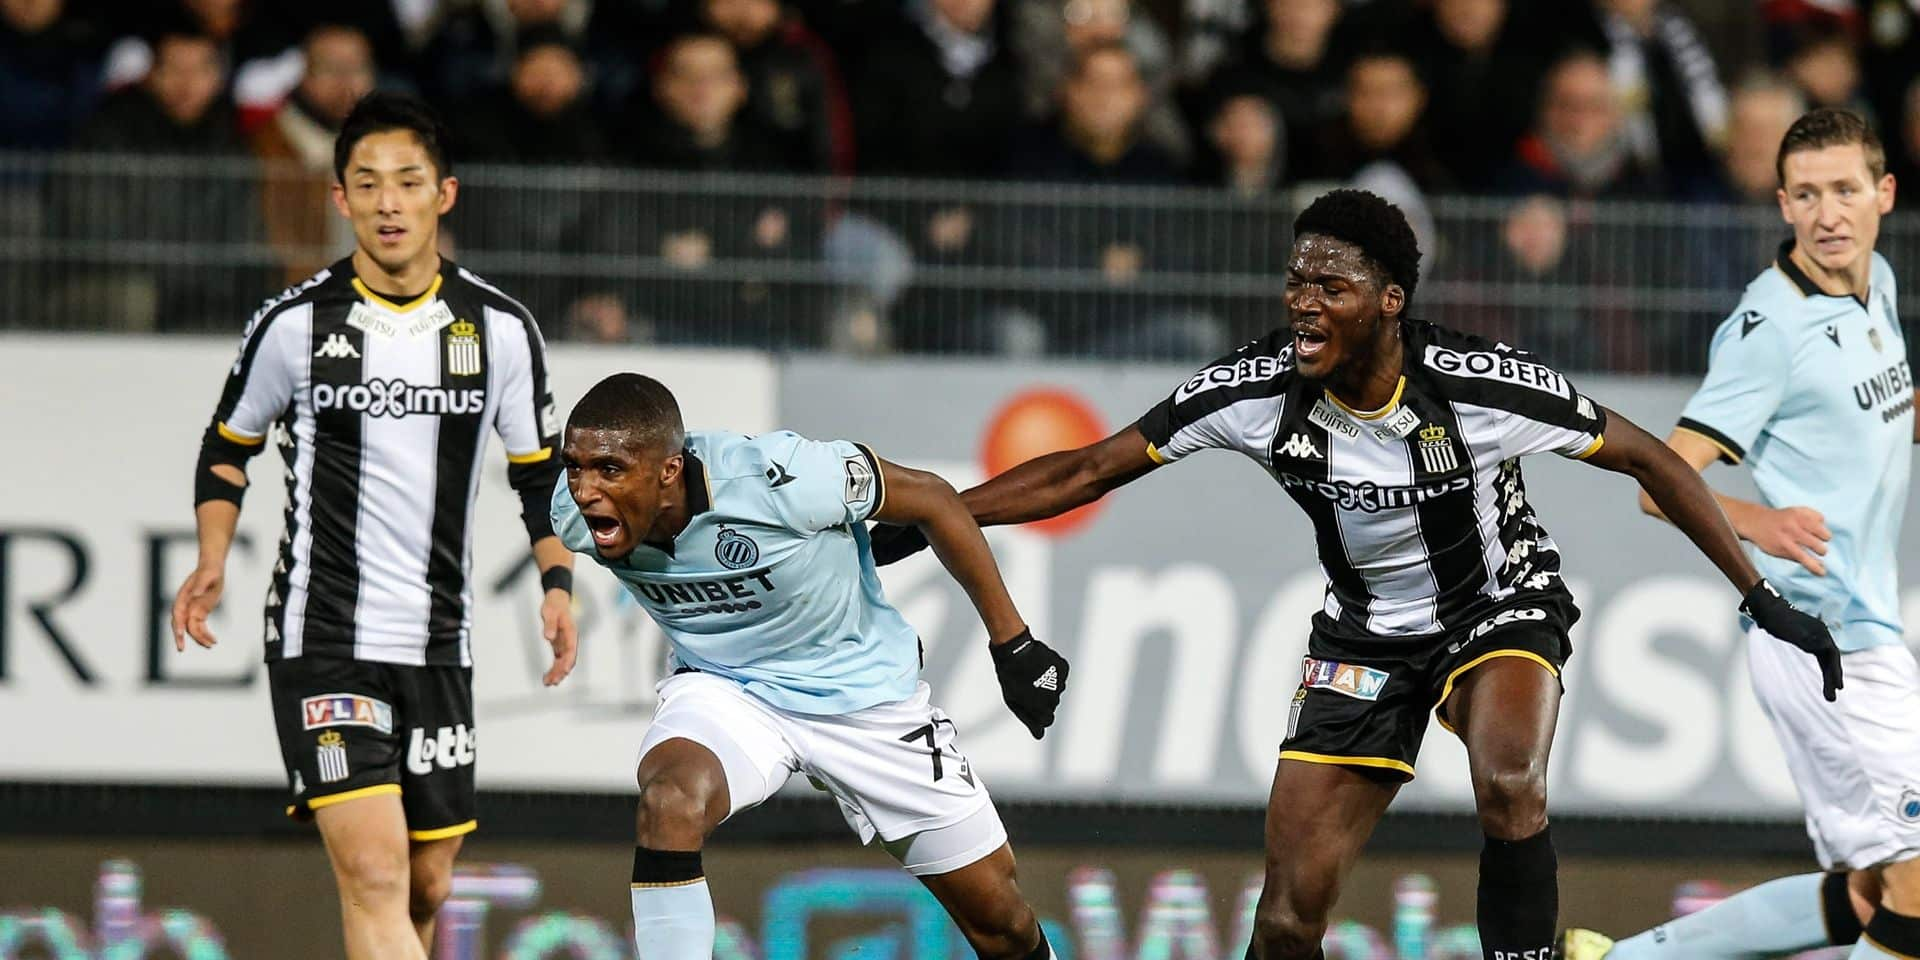 Accord avec le foot amateur: les duels décisifs en D1A et D1B pas le dimanche après-midi